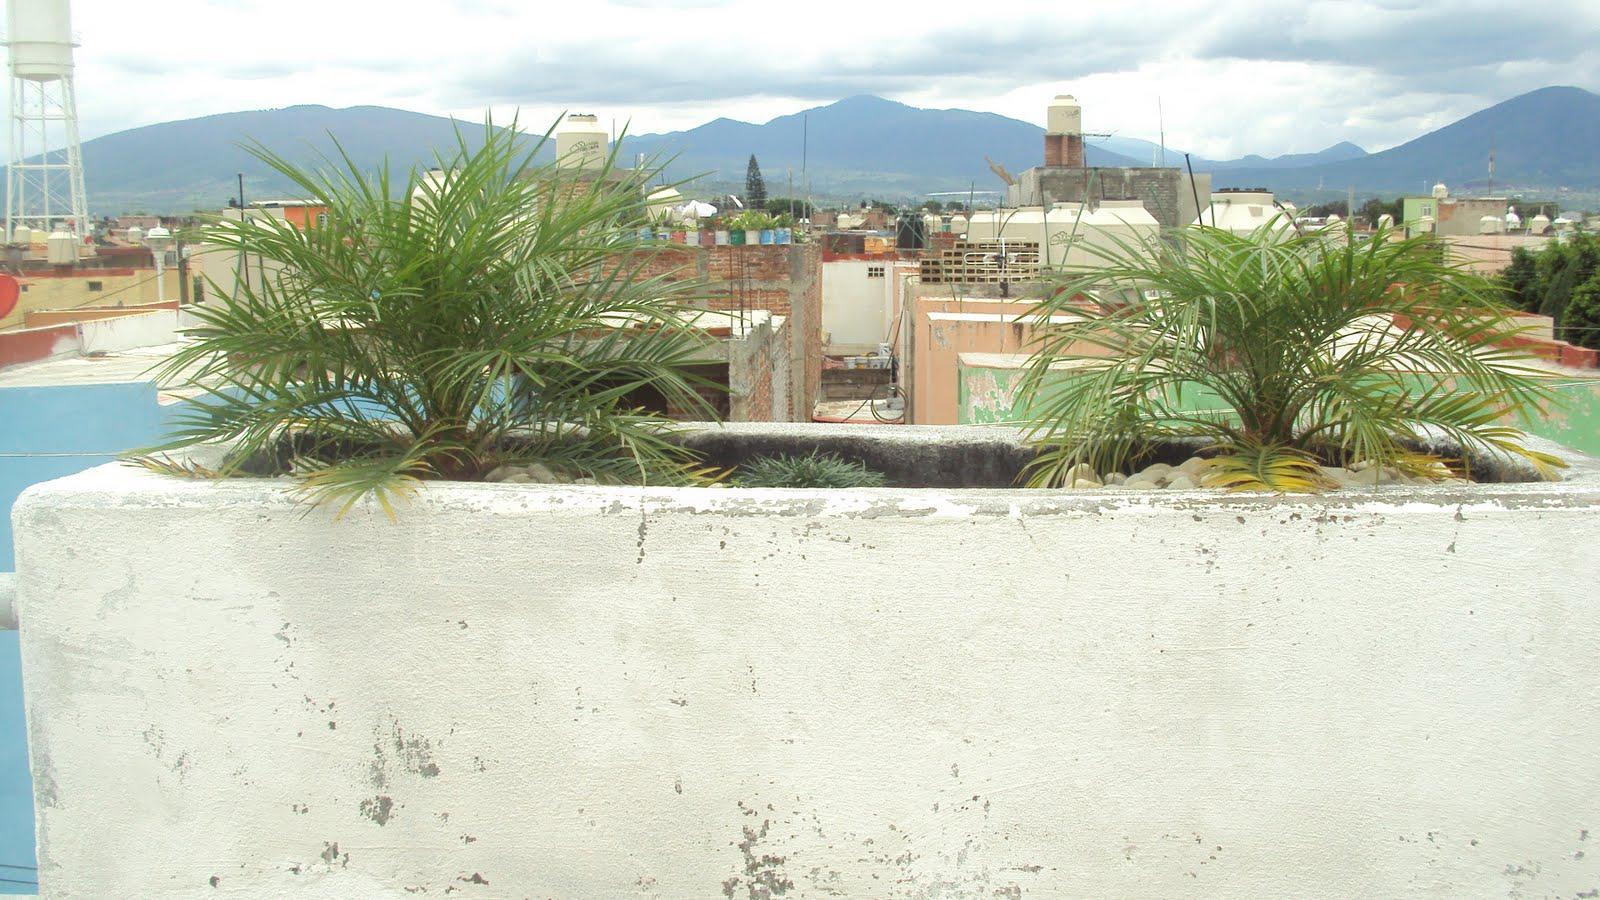 Maceto huerto urbano en azotea for Huerto en azotea